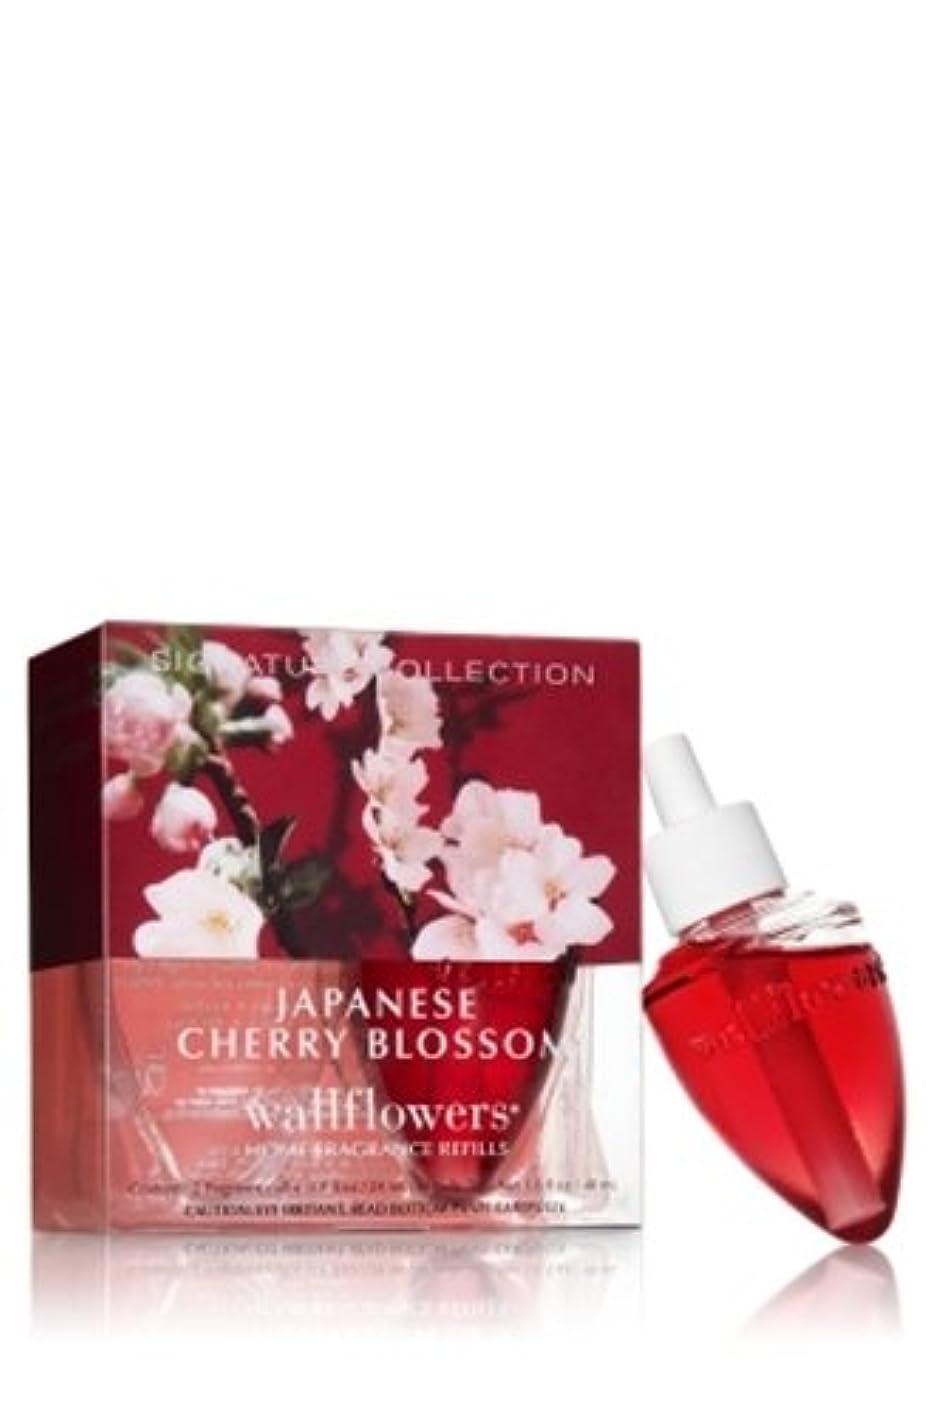 不注意ヒープシーフードBath & Body Works(バス&ボディワークス)ジャパニーズチェリーブロッサム ホームフレグランス レフィル2本セット(本体は別売りです)Japanese Cherry Blossom Wallflowers...